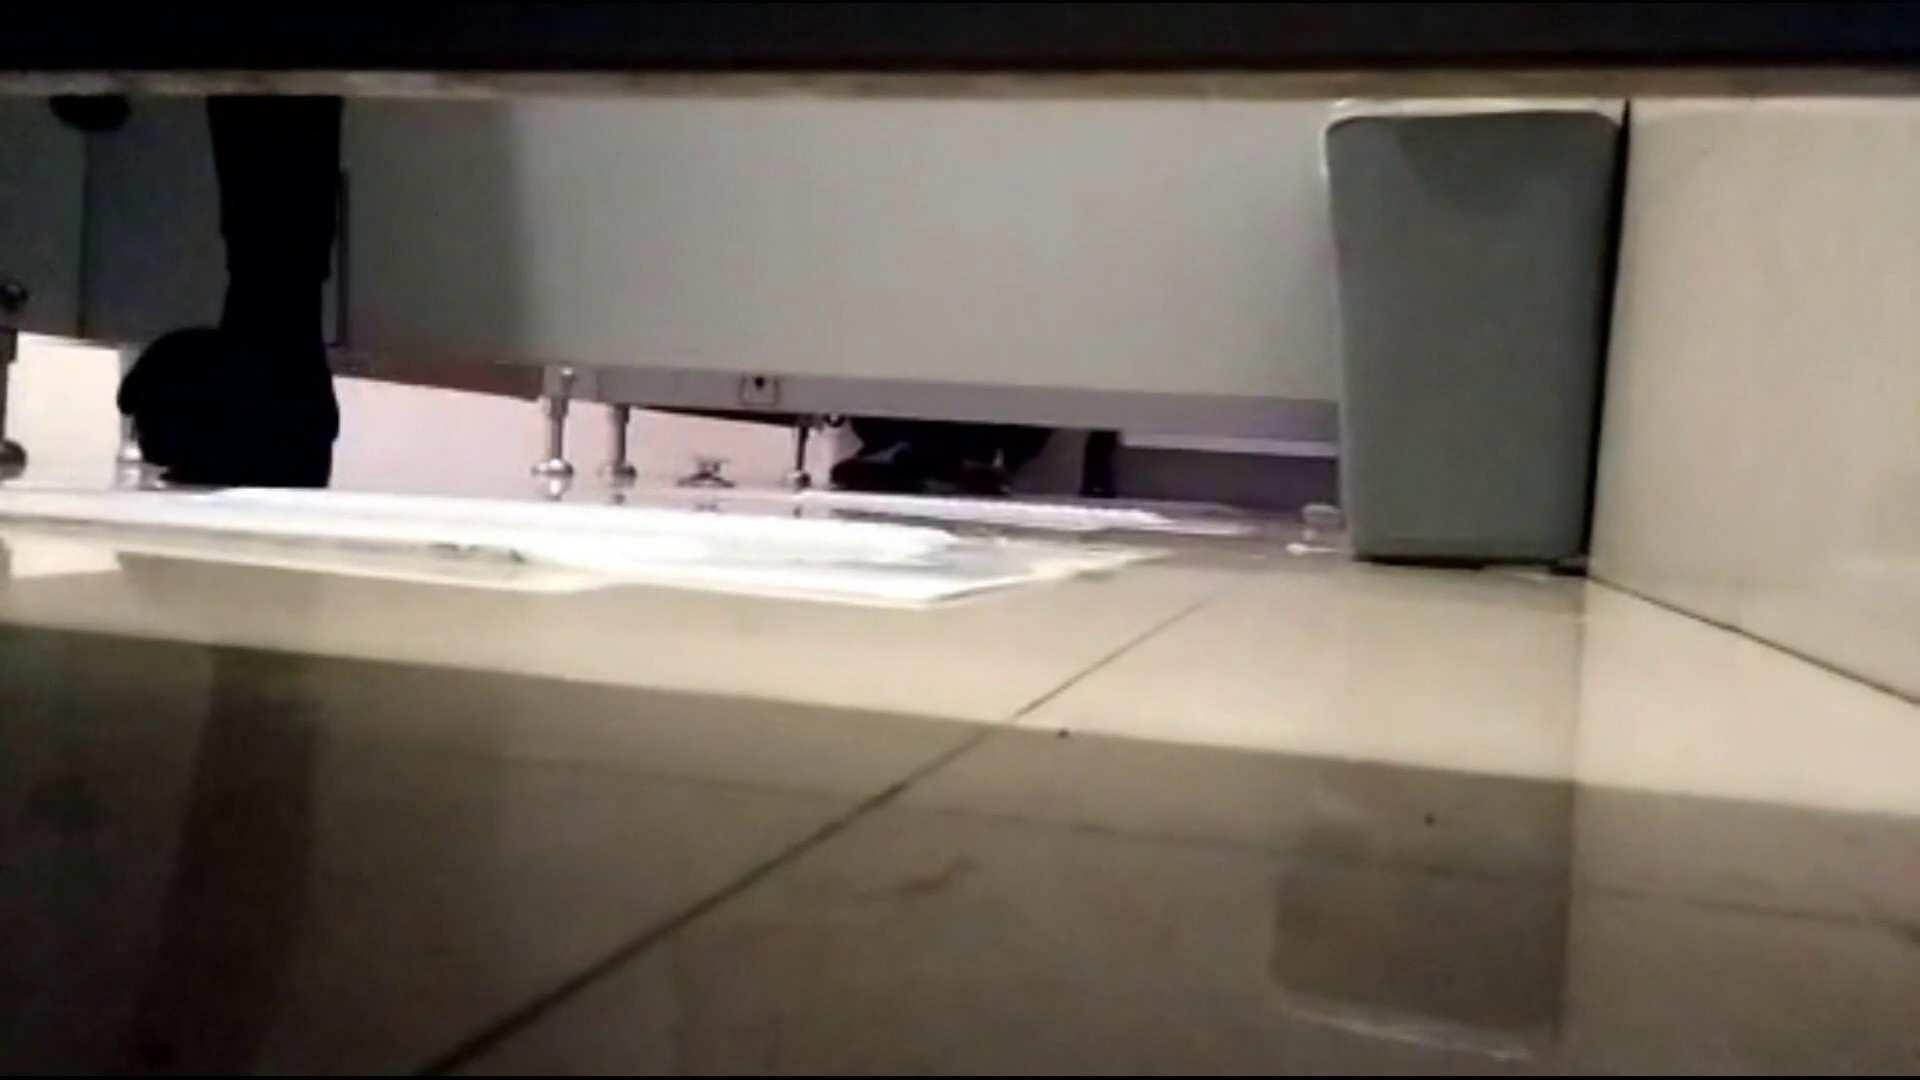 芸術大学ガチ潜入盗撮 JD盗撮 美女の洗面所の秘密 Vol.102 エロくん潜入   エッチすぎる美女  70連発 7